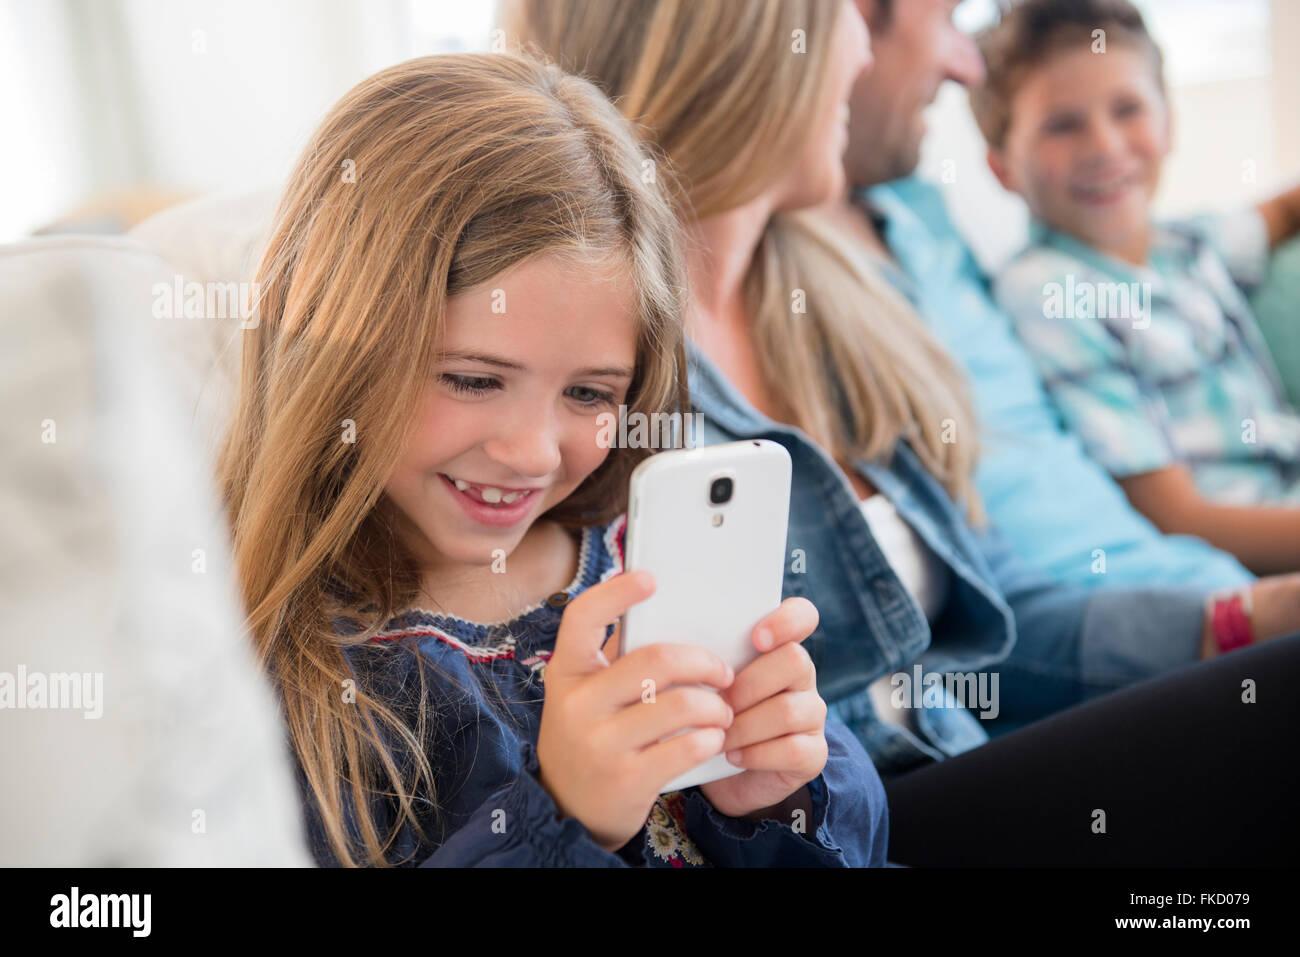 La ragazza (6-7) seduto sul divano, utilizzando smart phone Immagini Stock